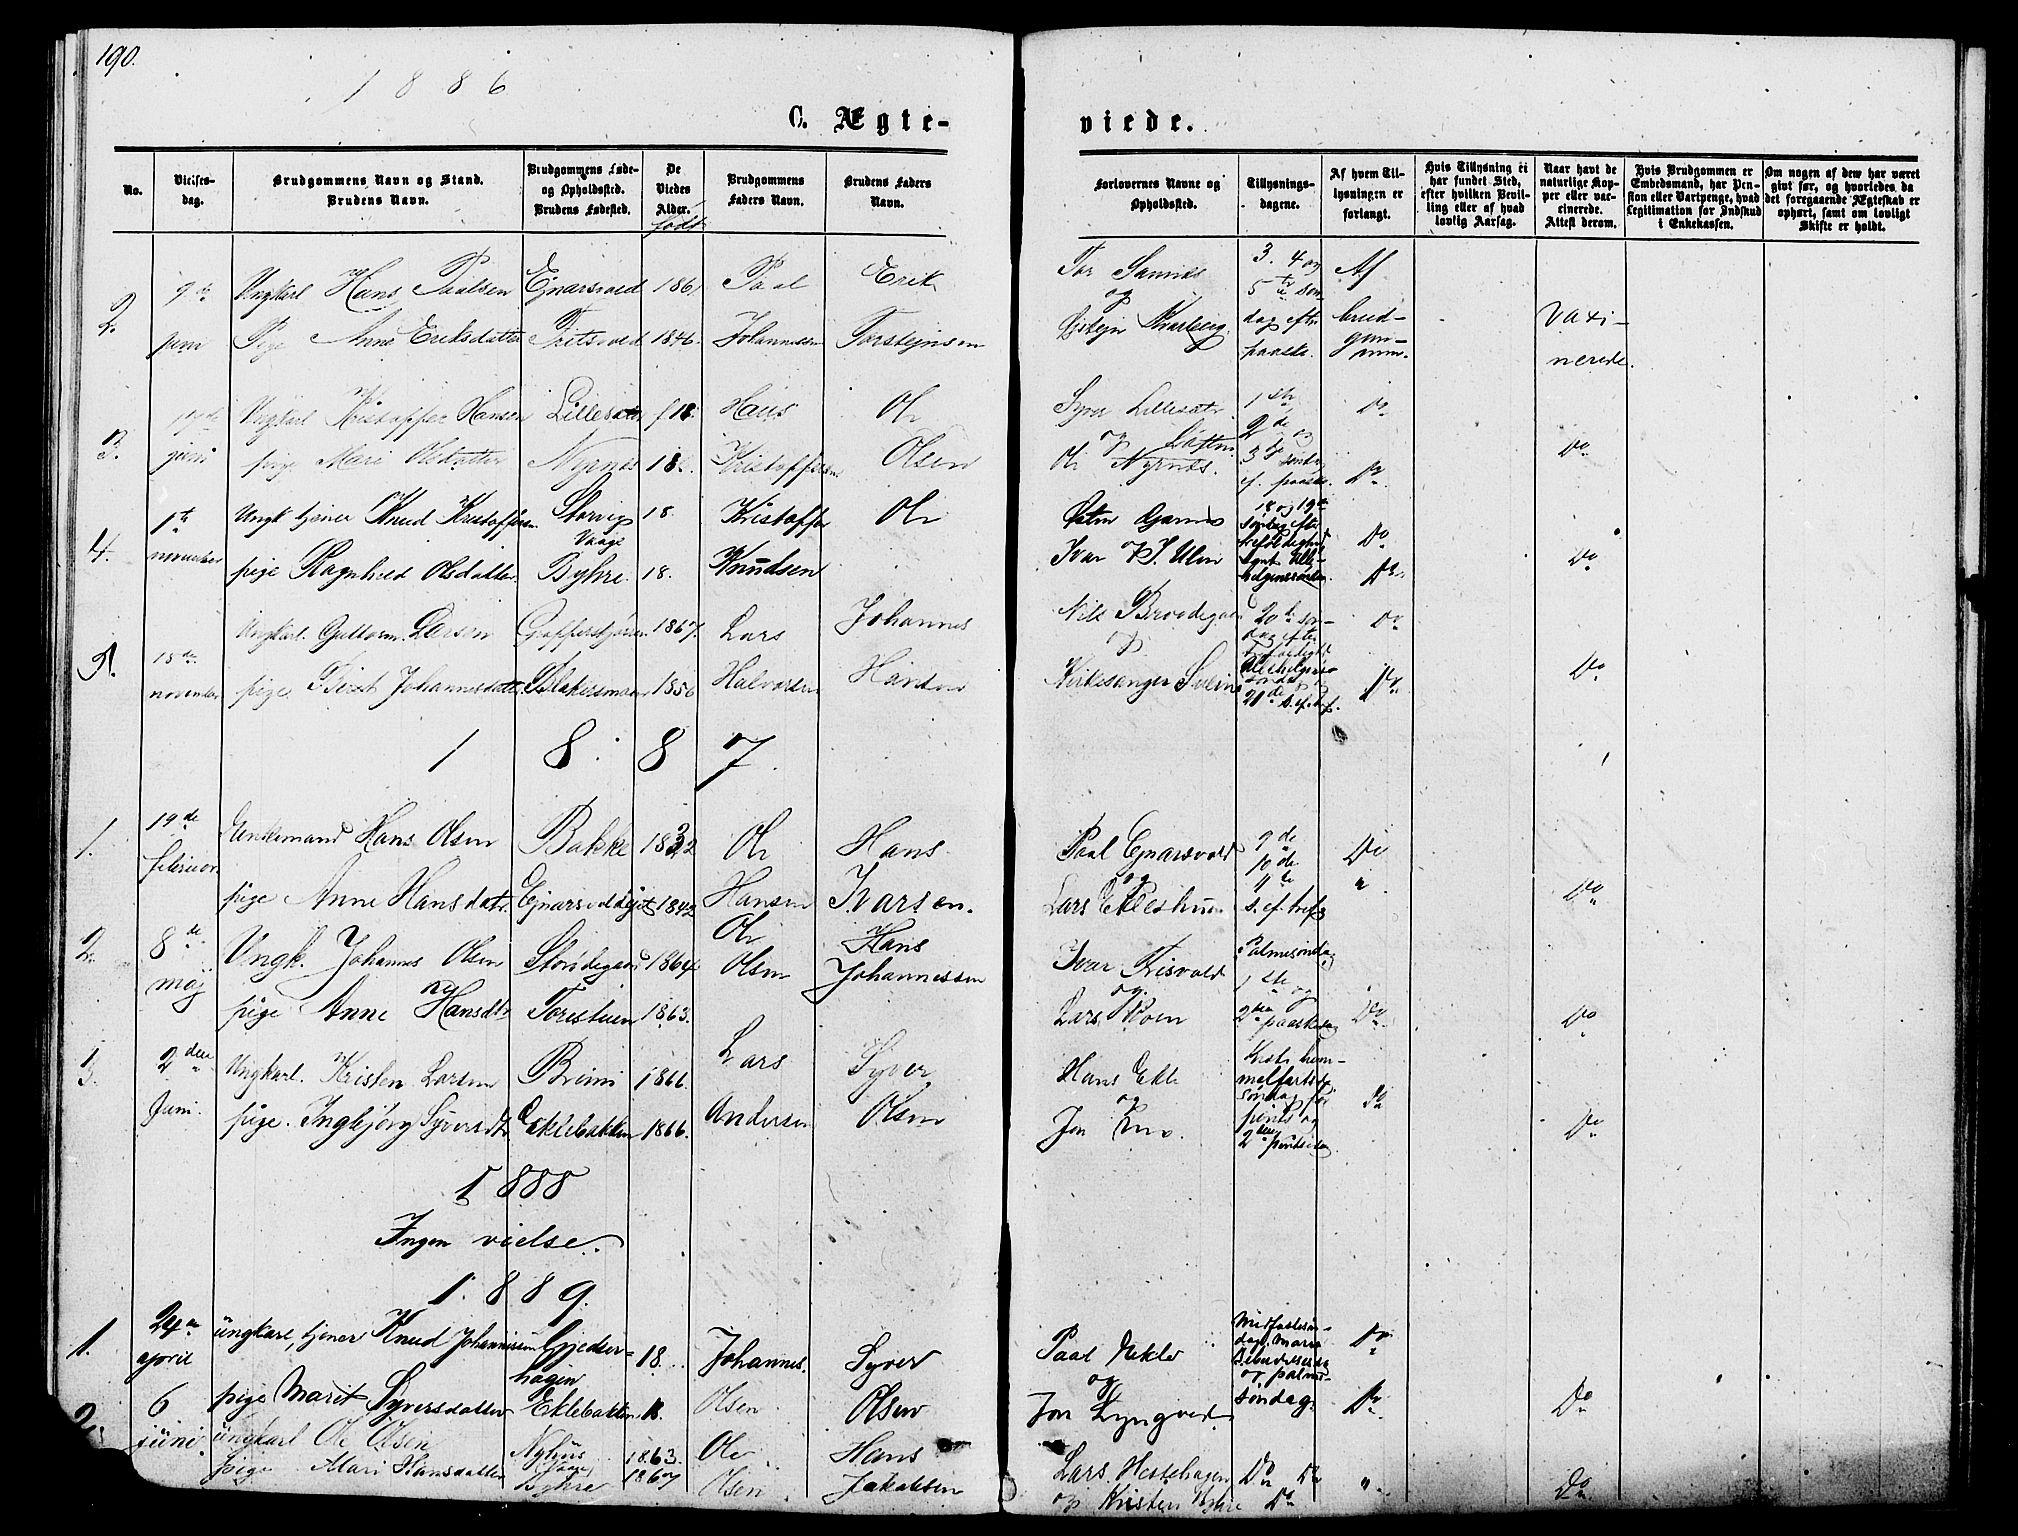 SAH, Lom prestekontor, L/L0005: Klokkerbok nr. 5, 1876-1901, s. 190-191